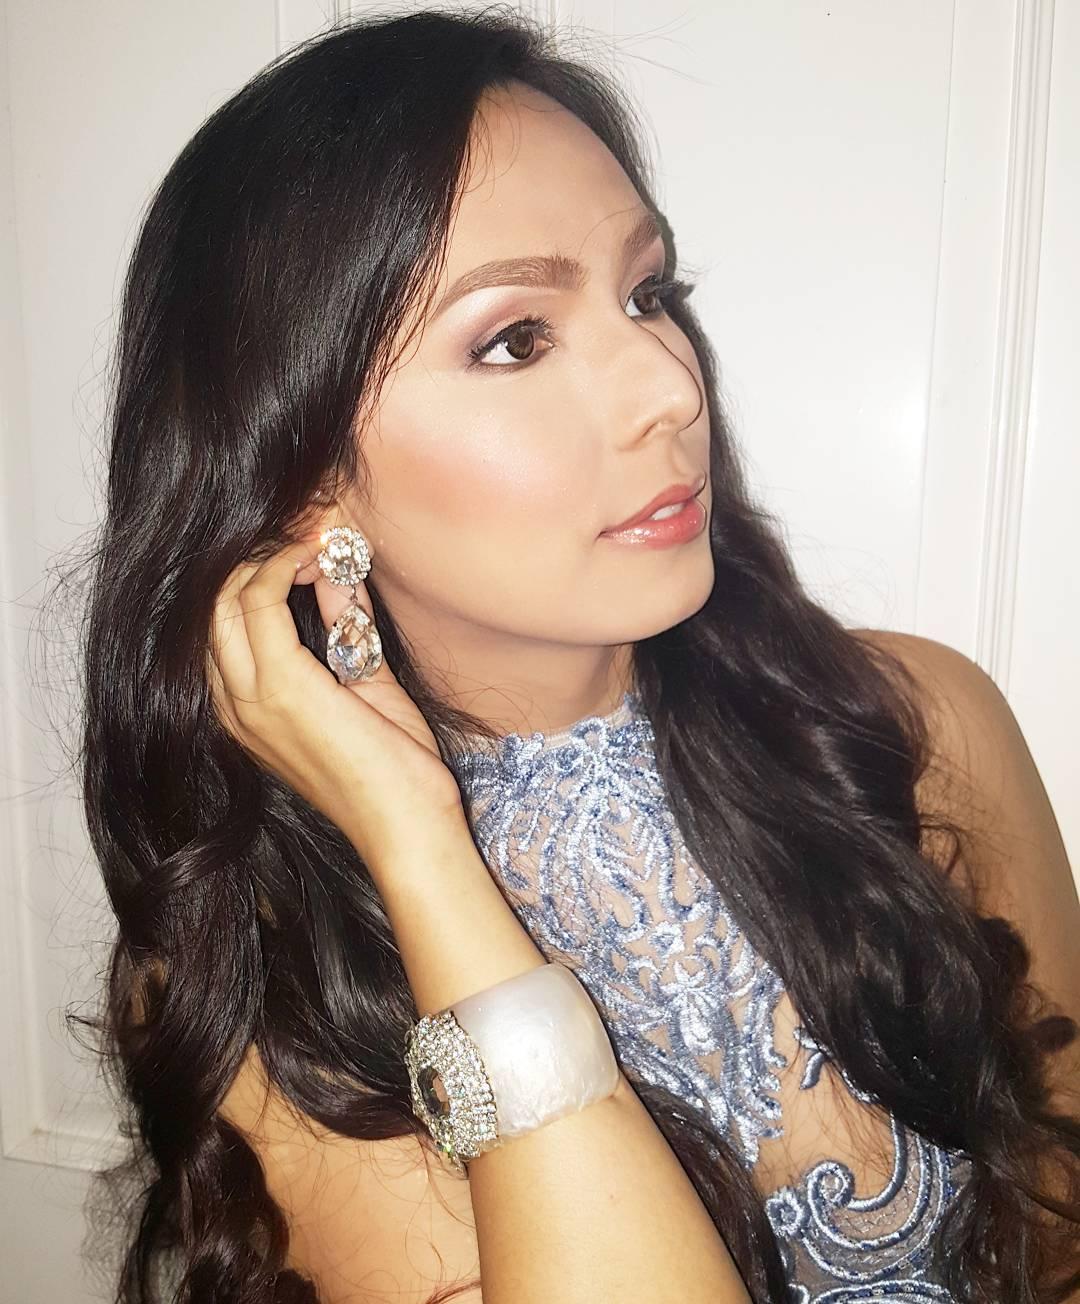 Bee Urgello - Philiphines Beauty Queen & Transgender Model